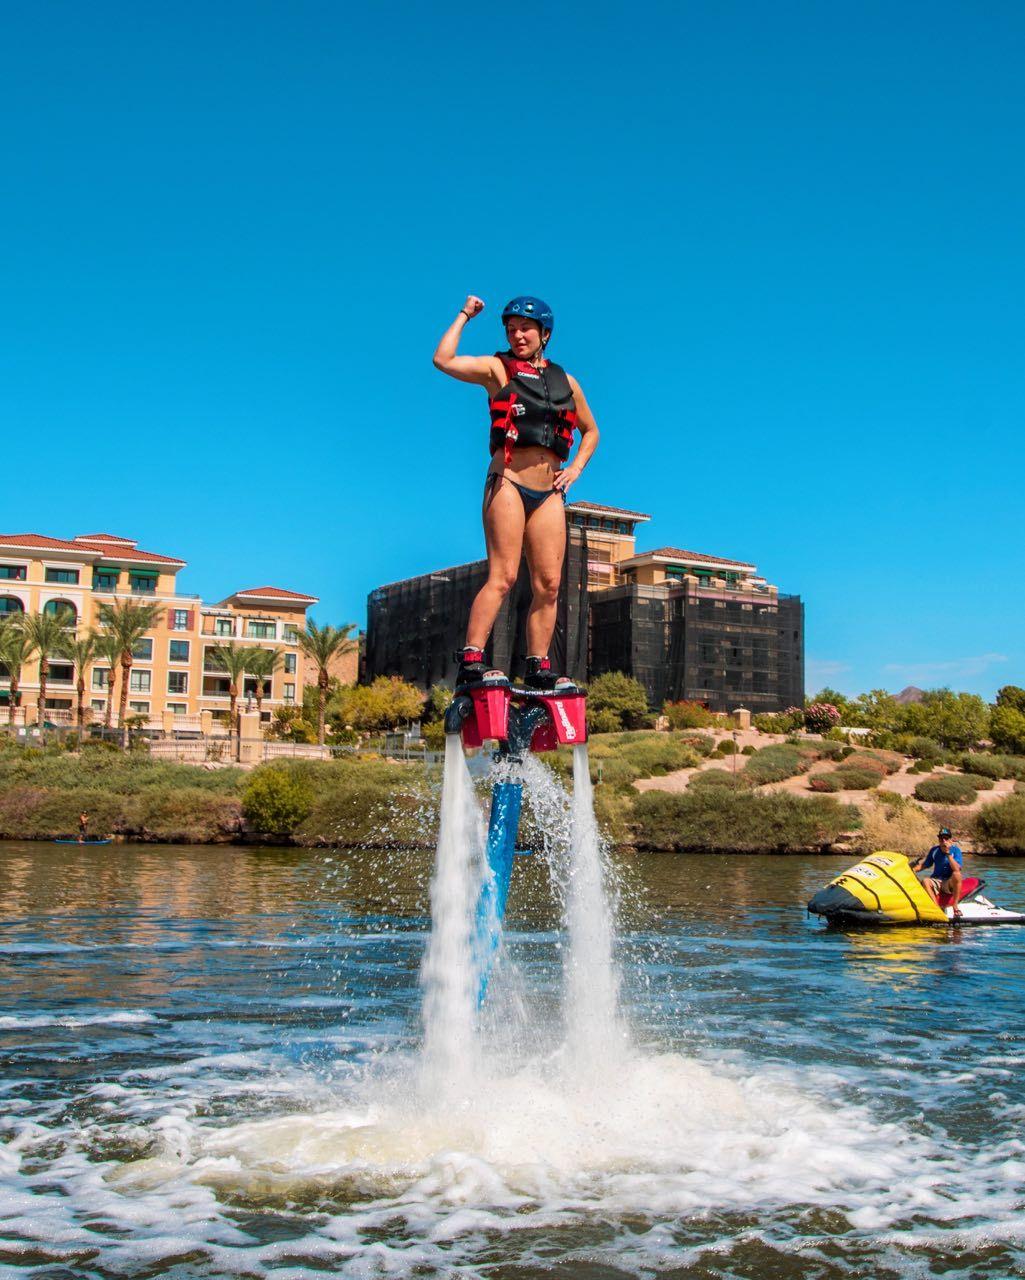 Looking for an adrenaline rush?! Lake Las Vegas Water